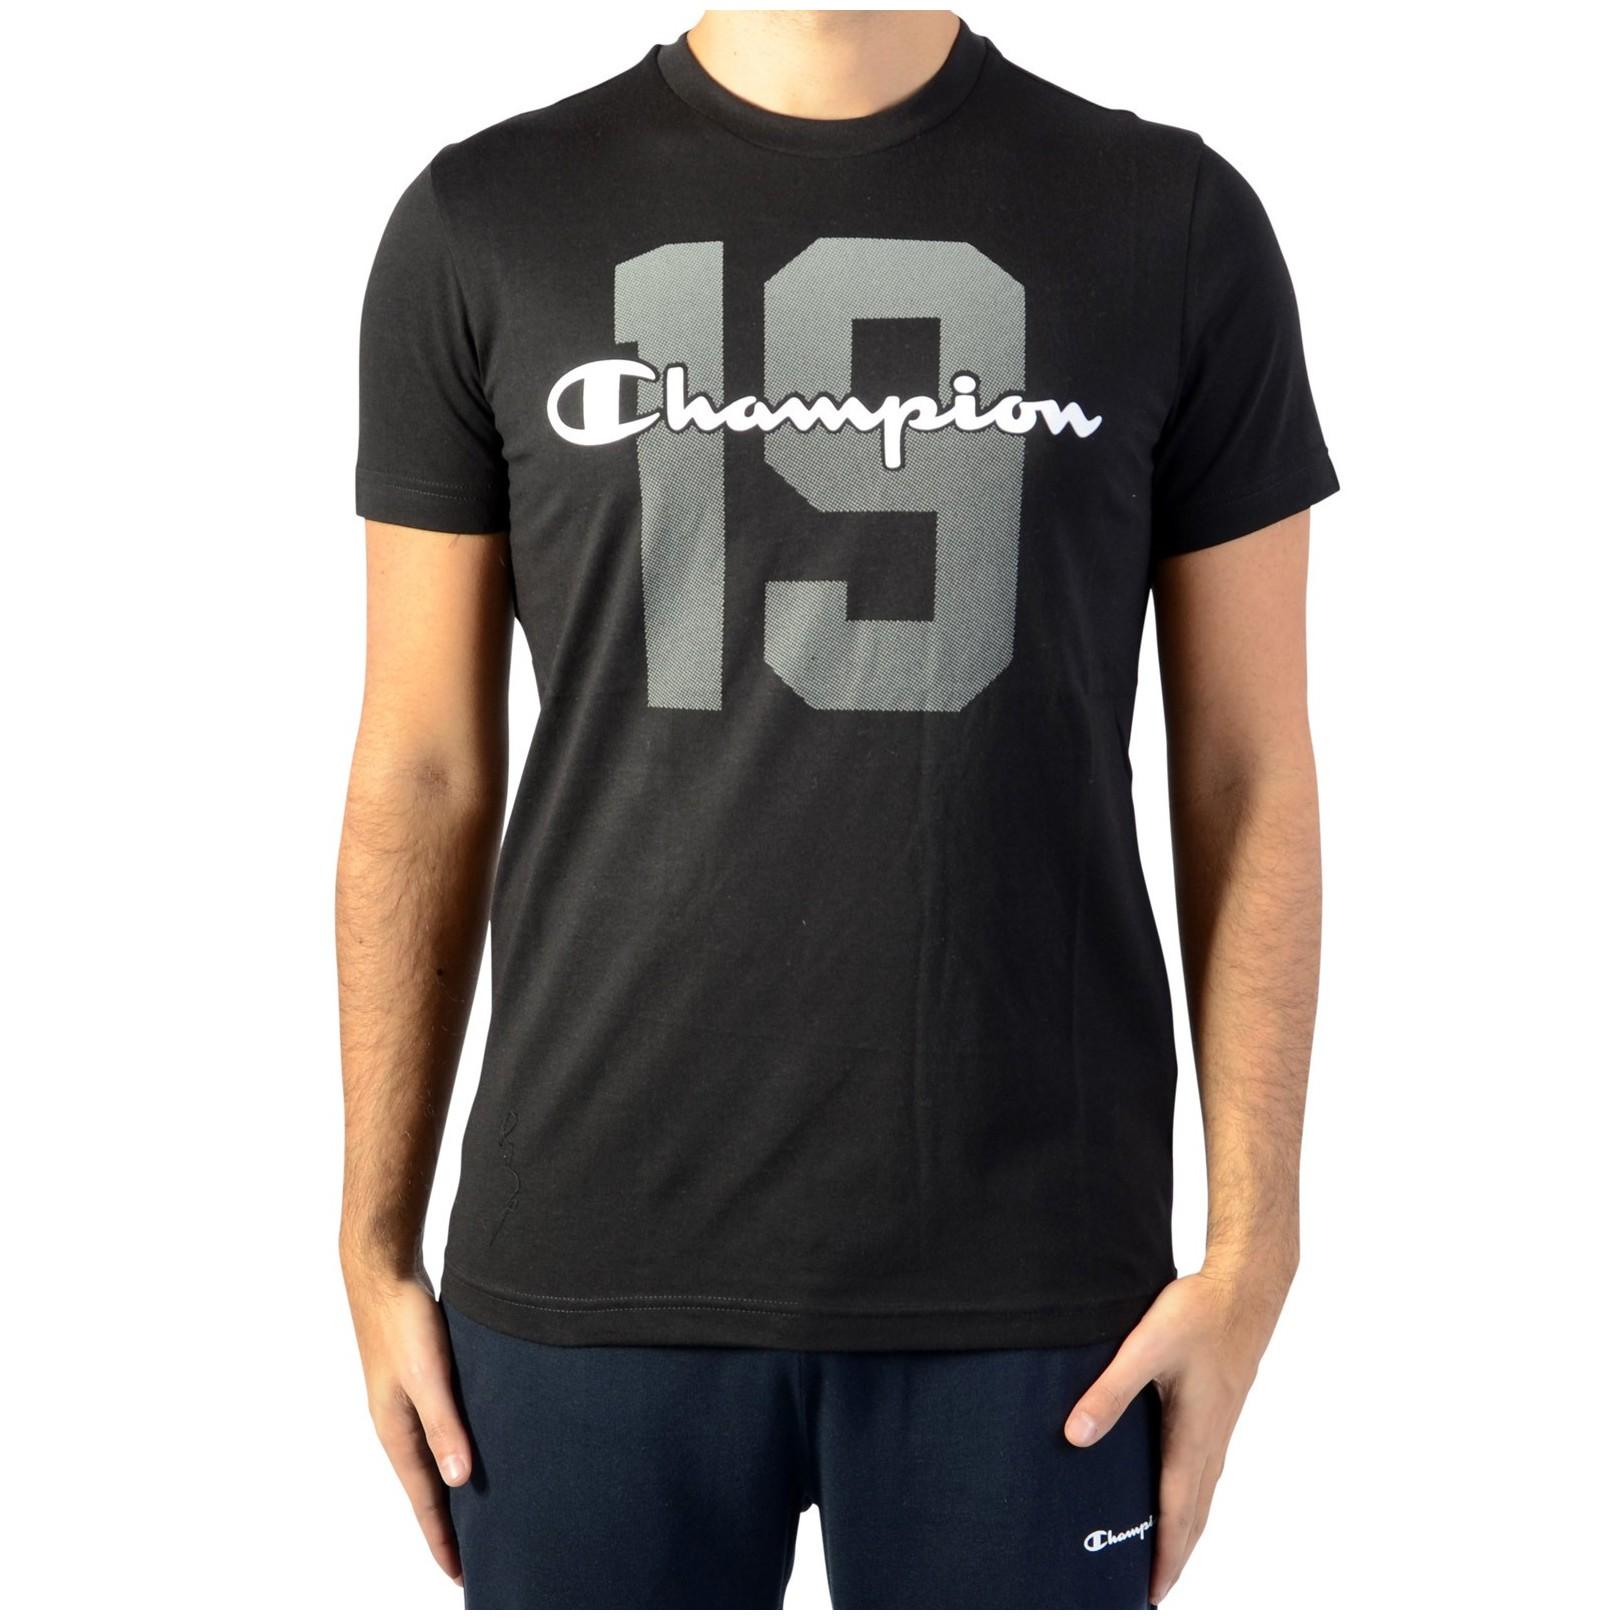 Tee Shirt Champion Tee211392-NBK Noir